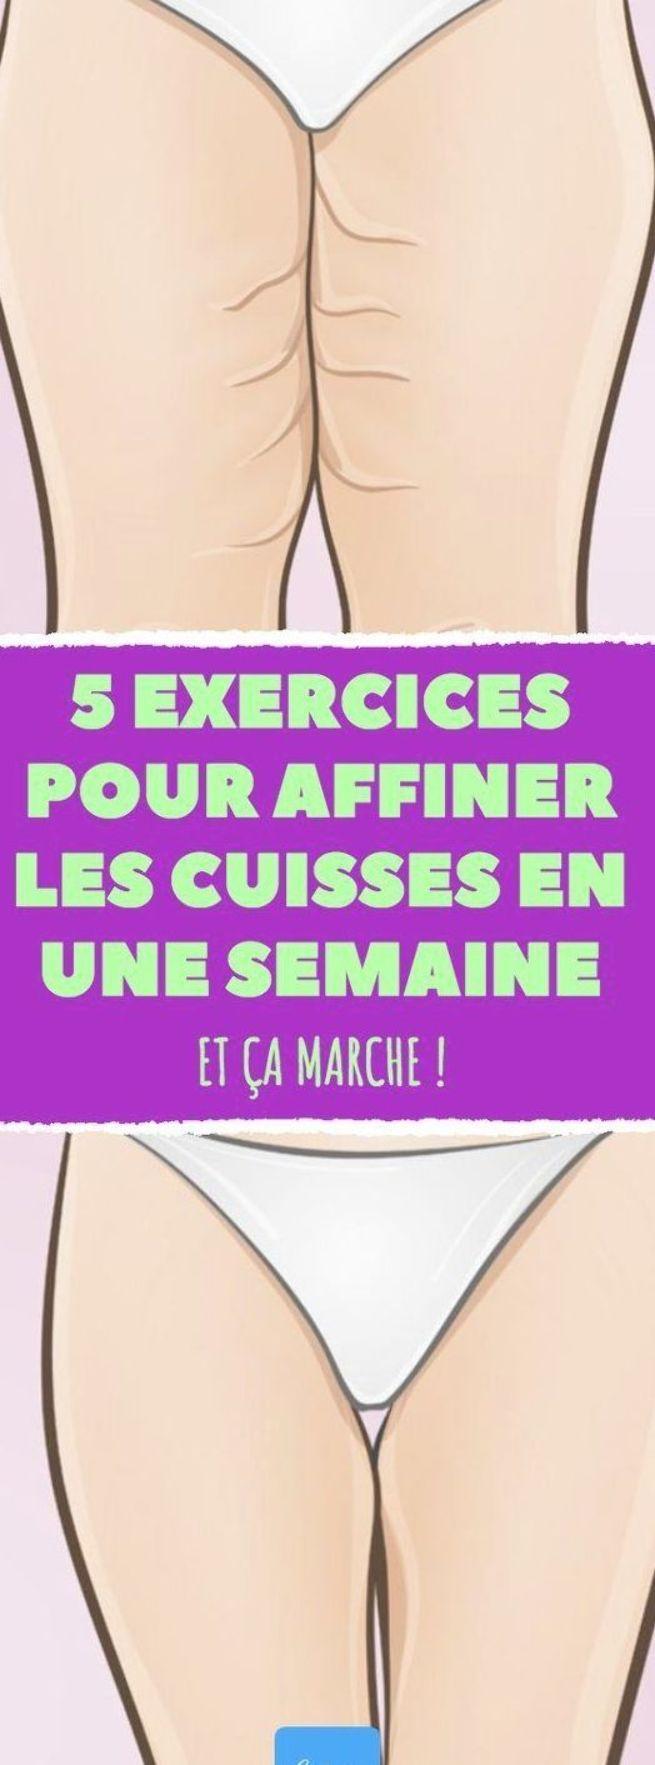 5 exercices pour affiner les cuisses en une semaine. Toute fines ! #JessicaSmith #sport #fit #fitnes...